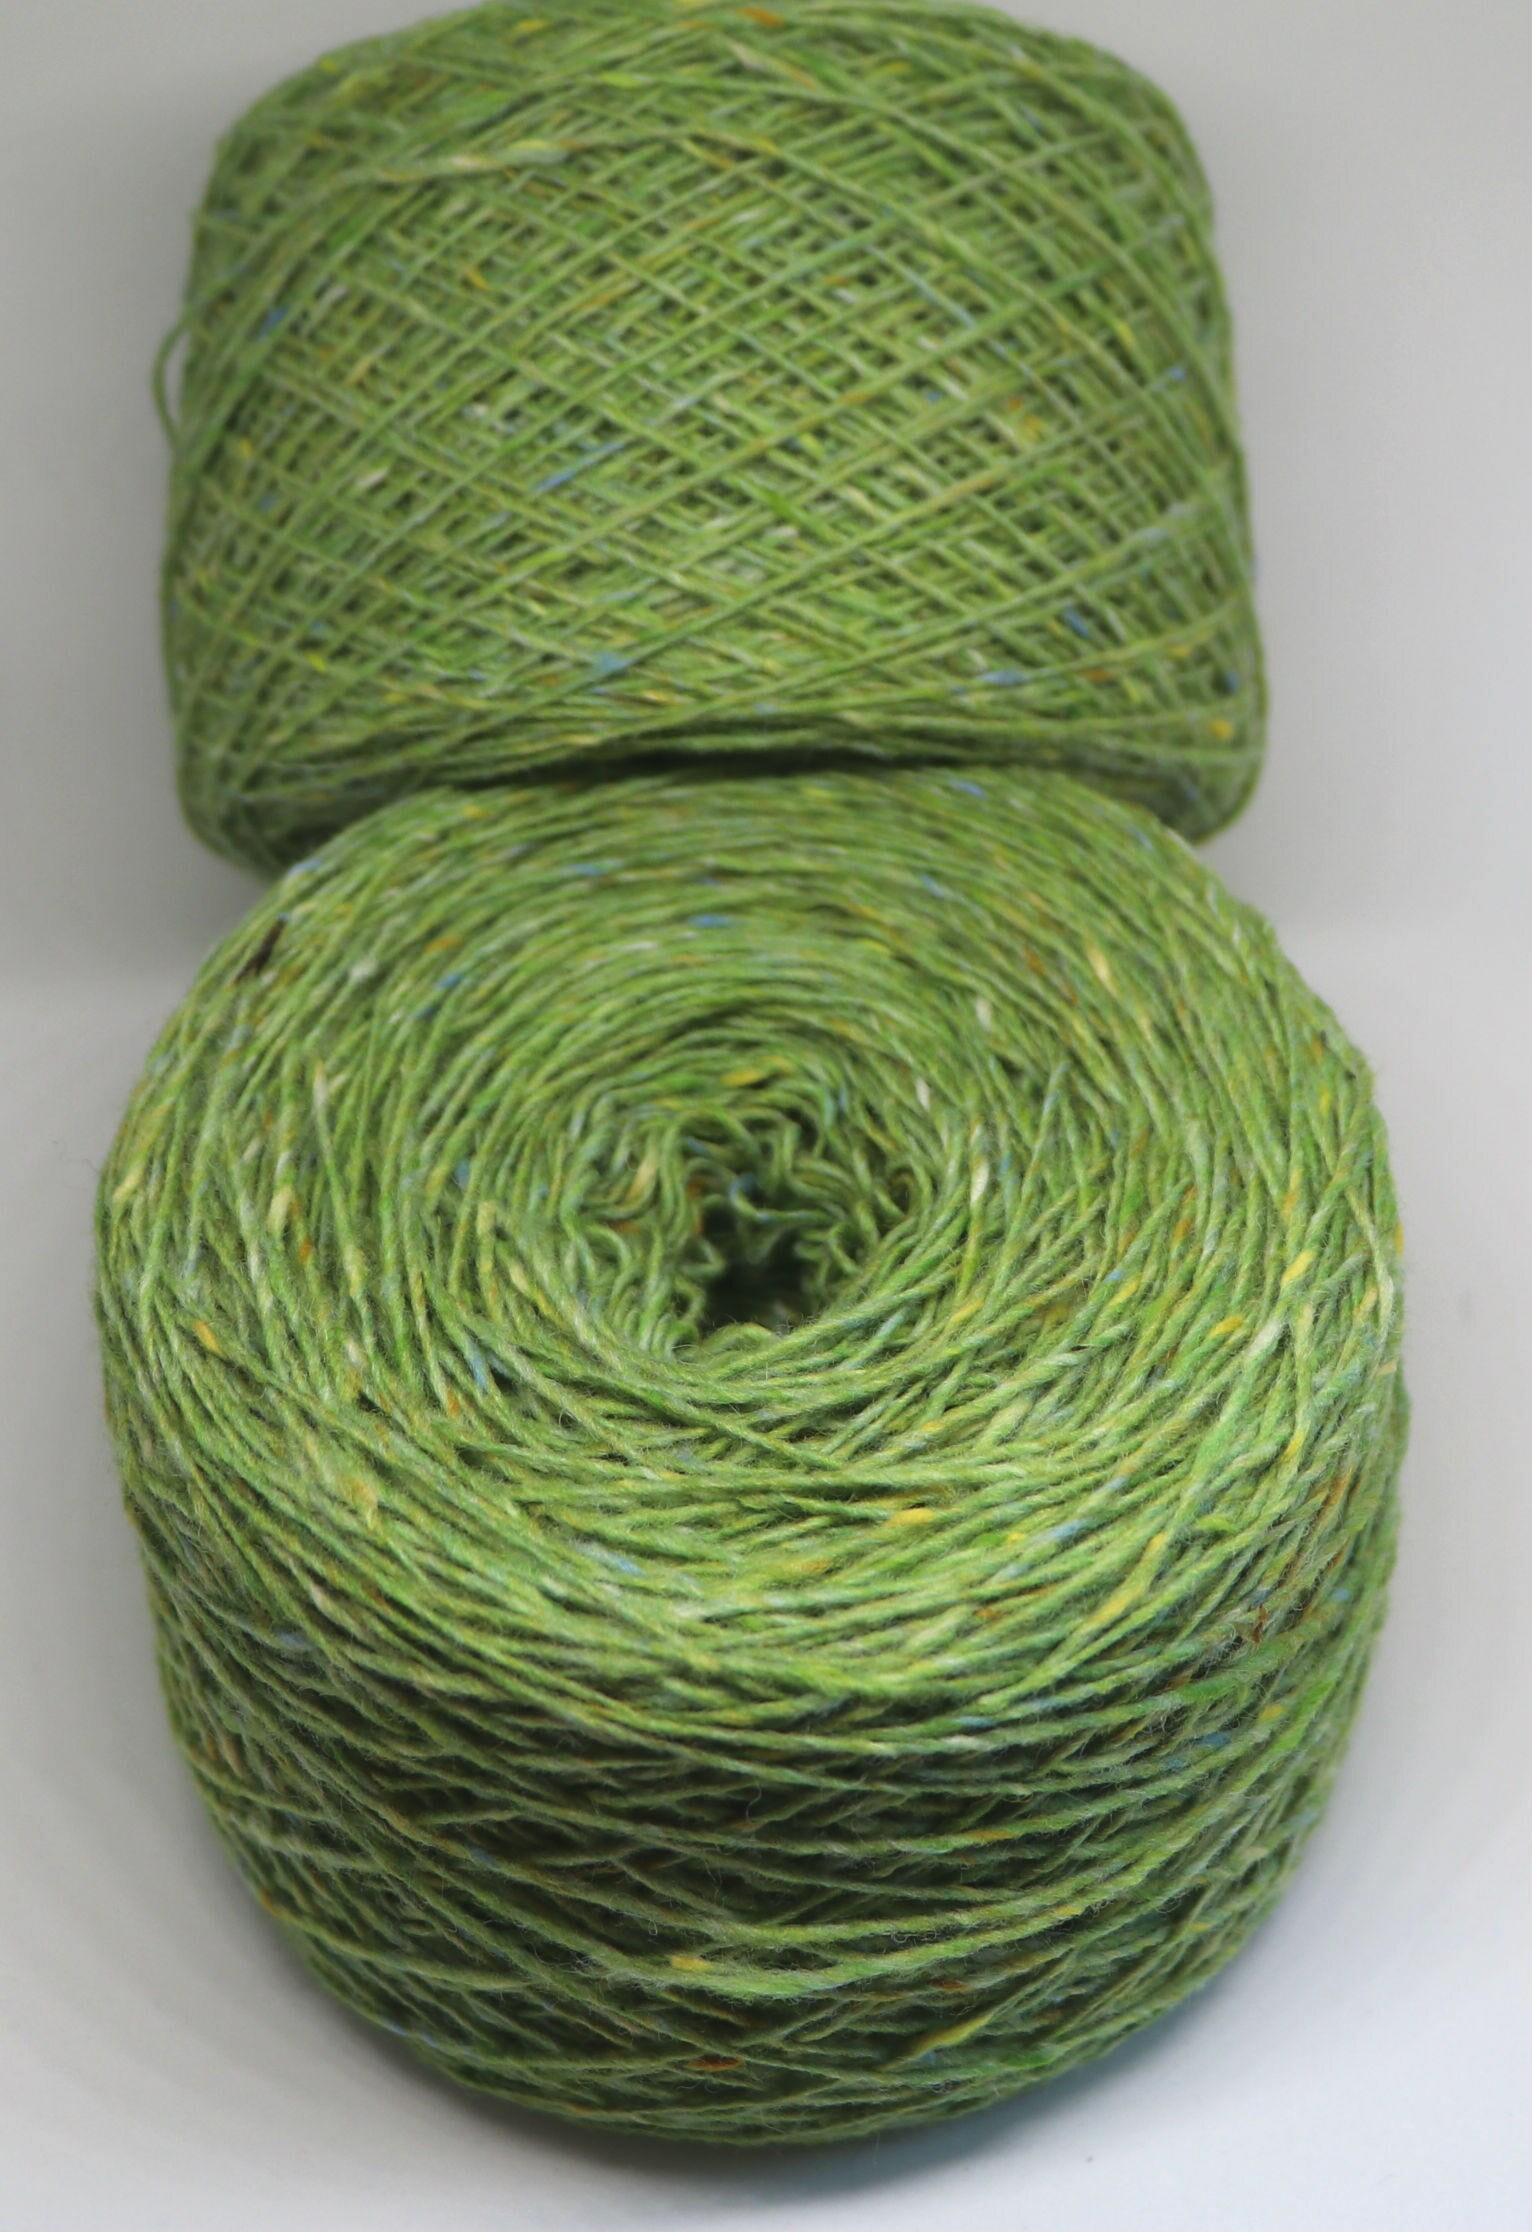 Machine Knitting Yarn Australia : Tweed yarn soft donegal merino knitting baby